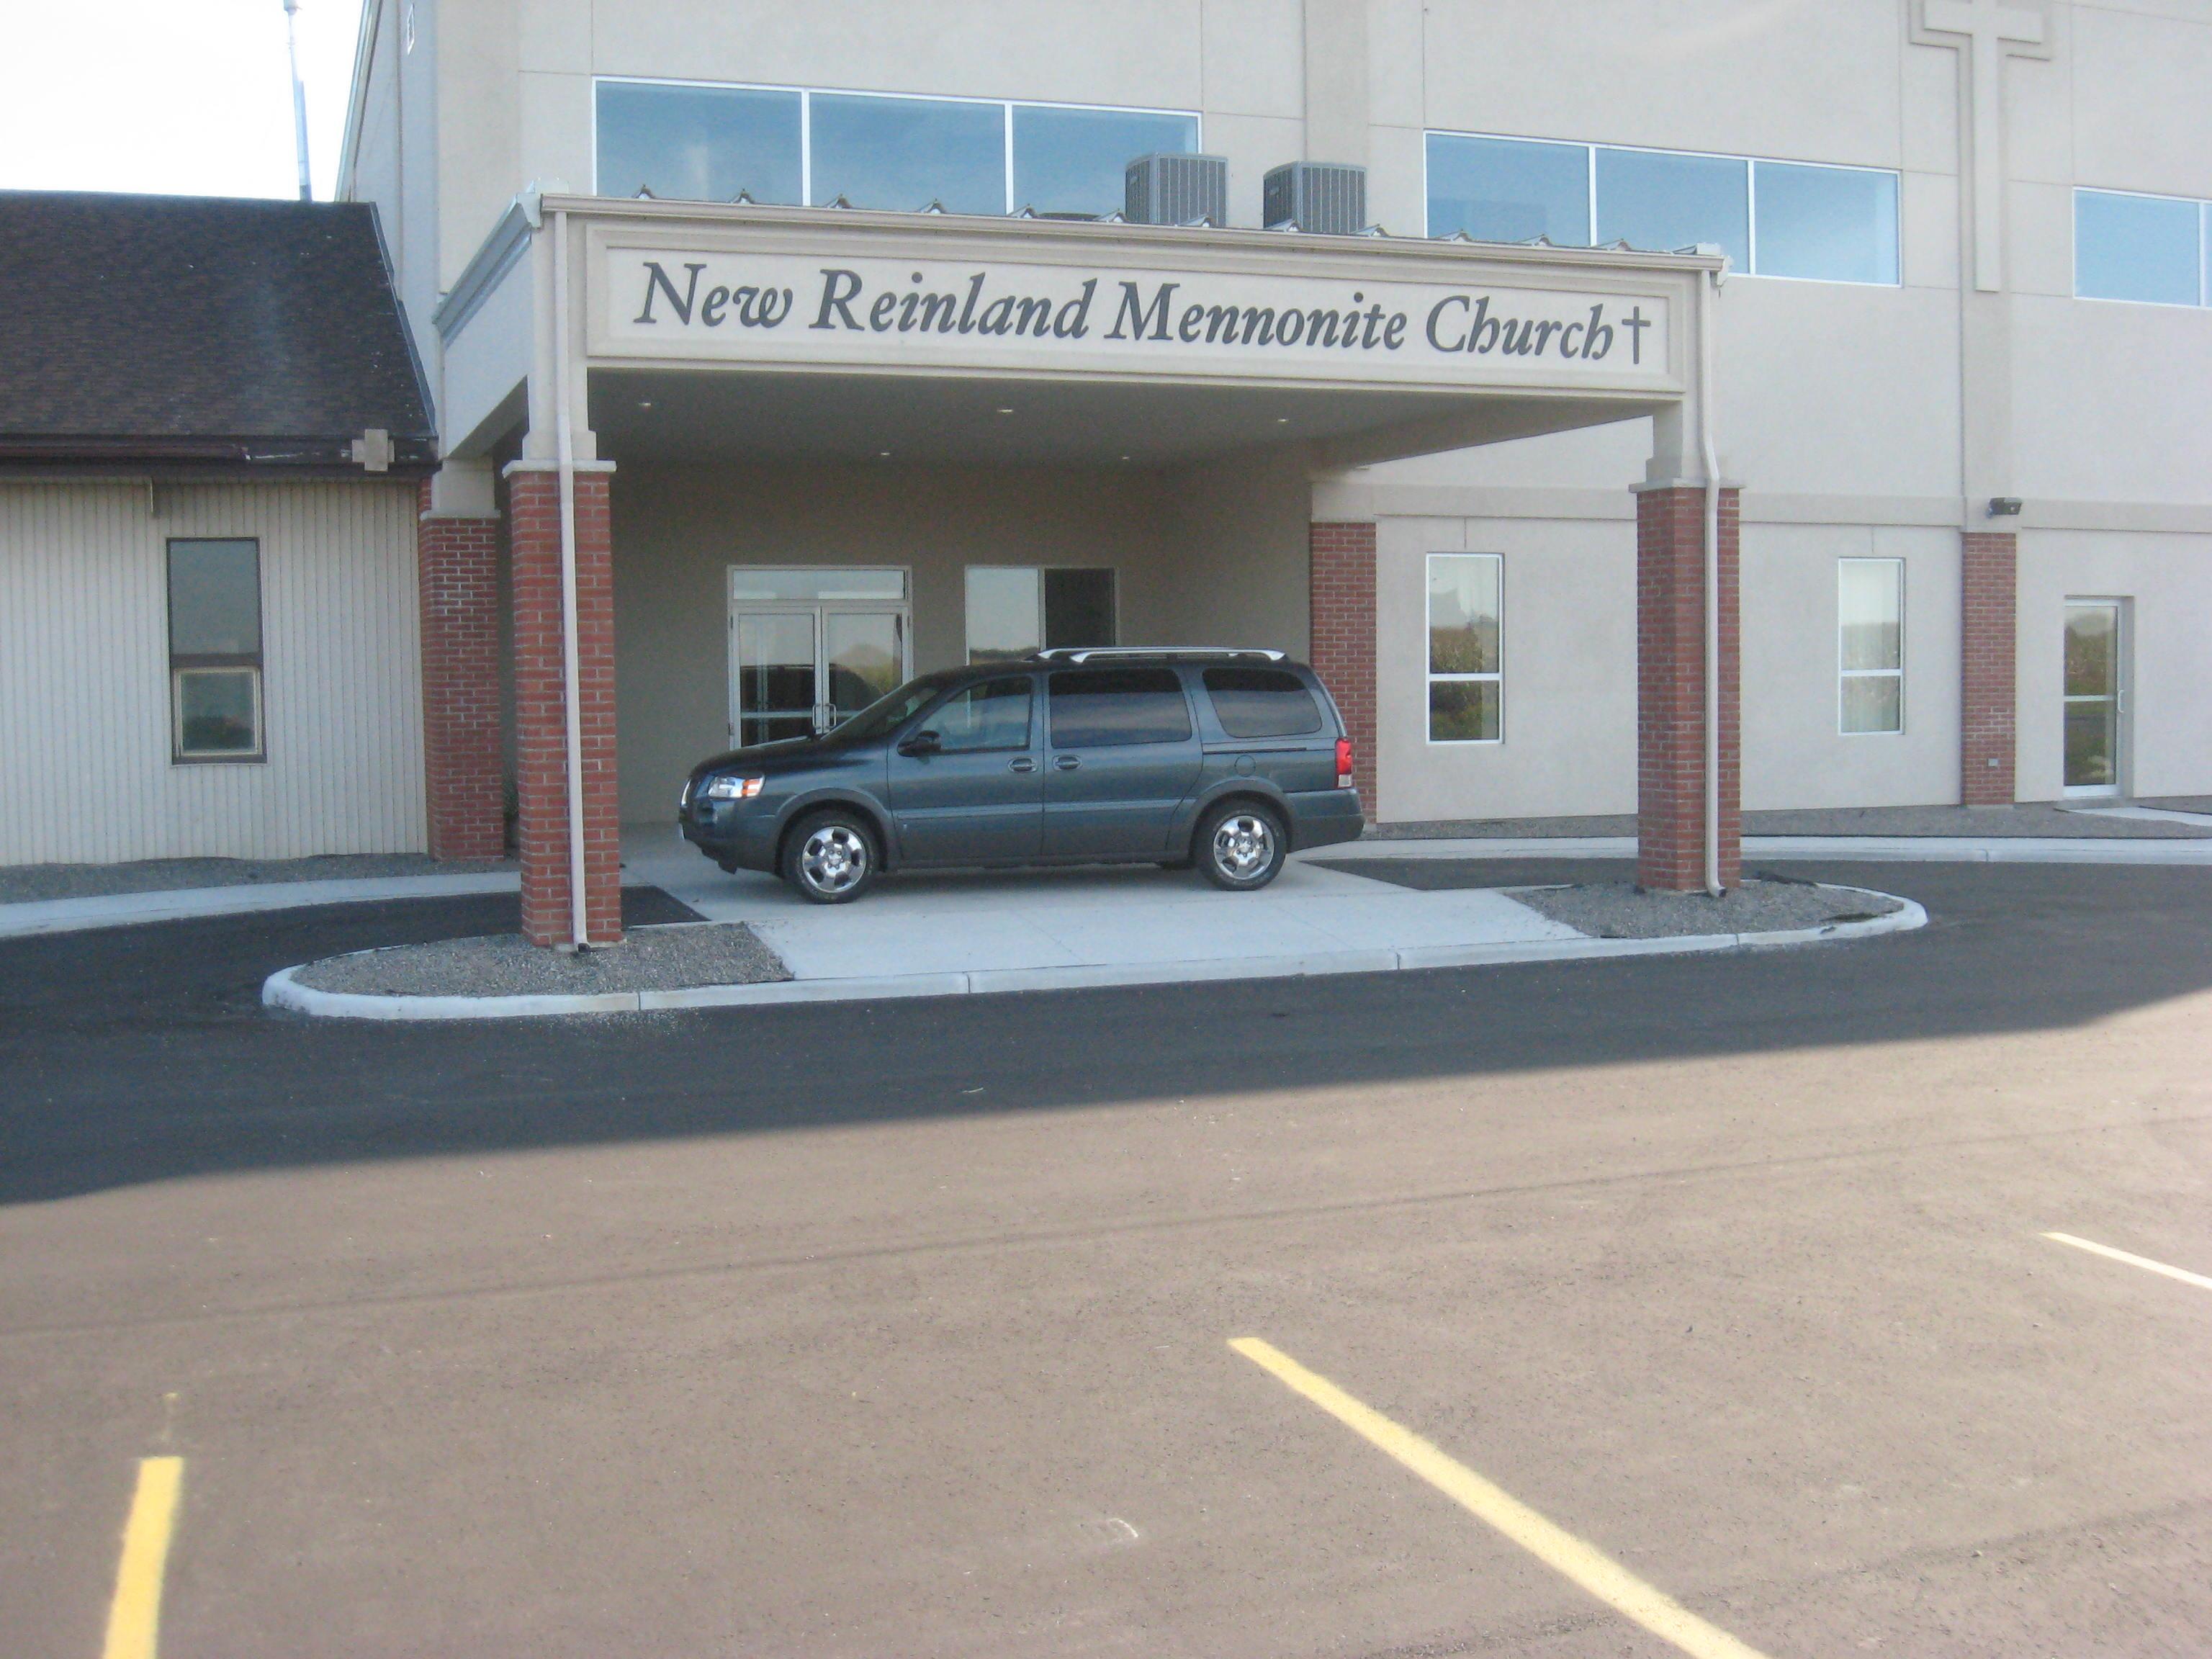 New Reinland Mennonite Church